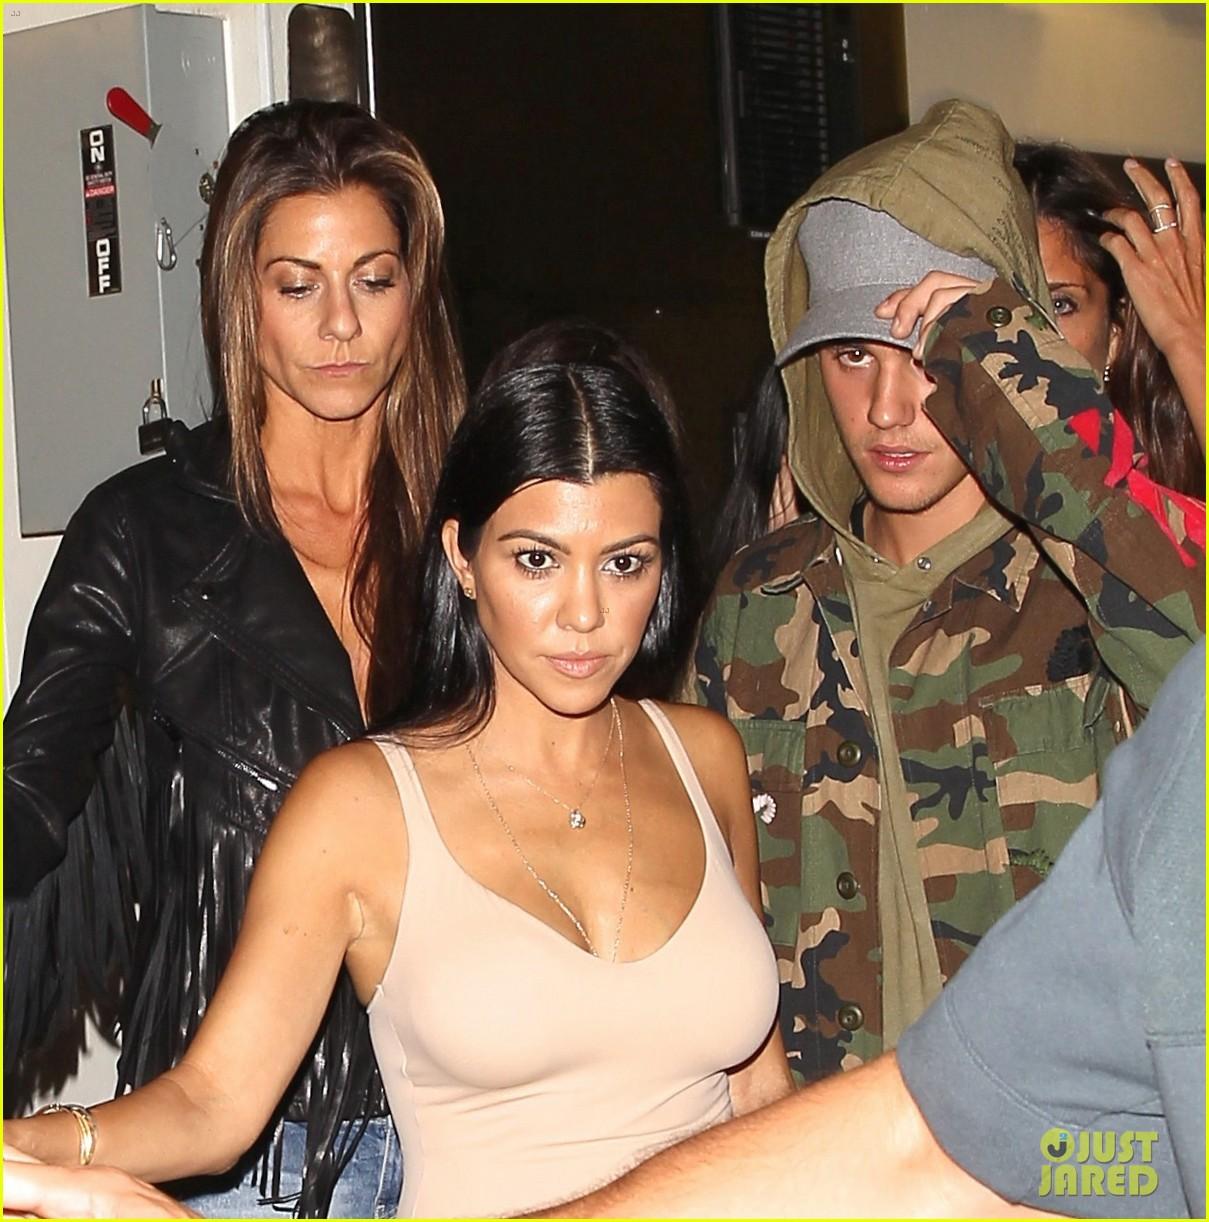 Justin bieber dating the kardashian